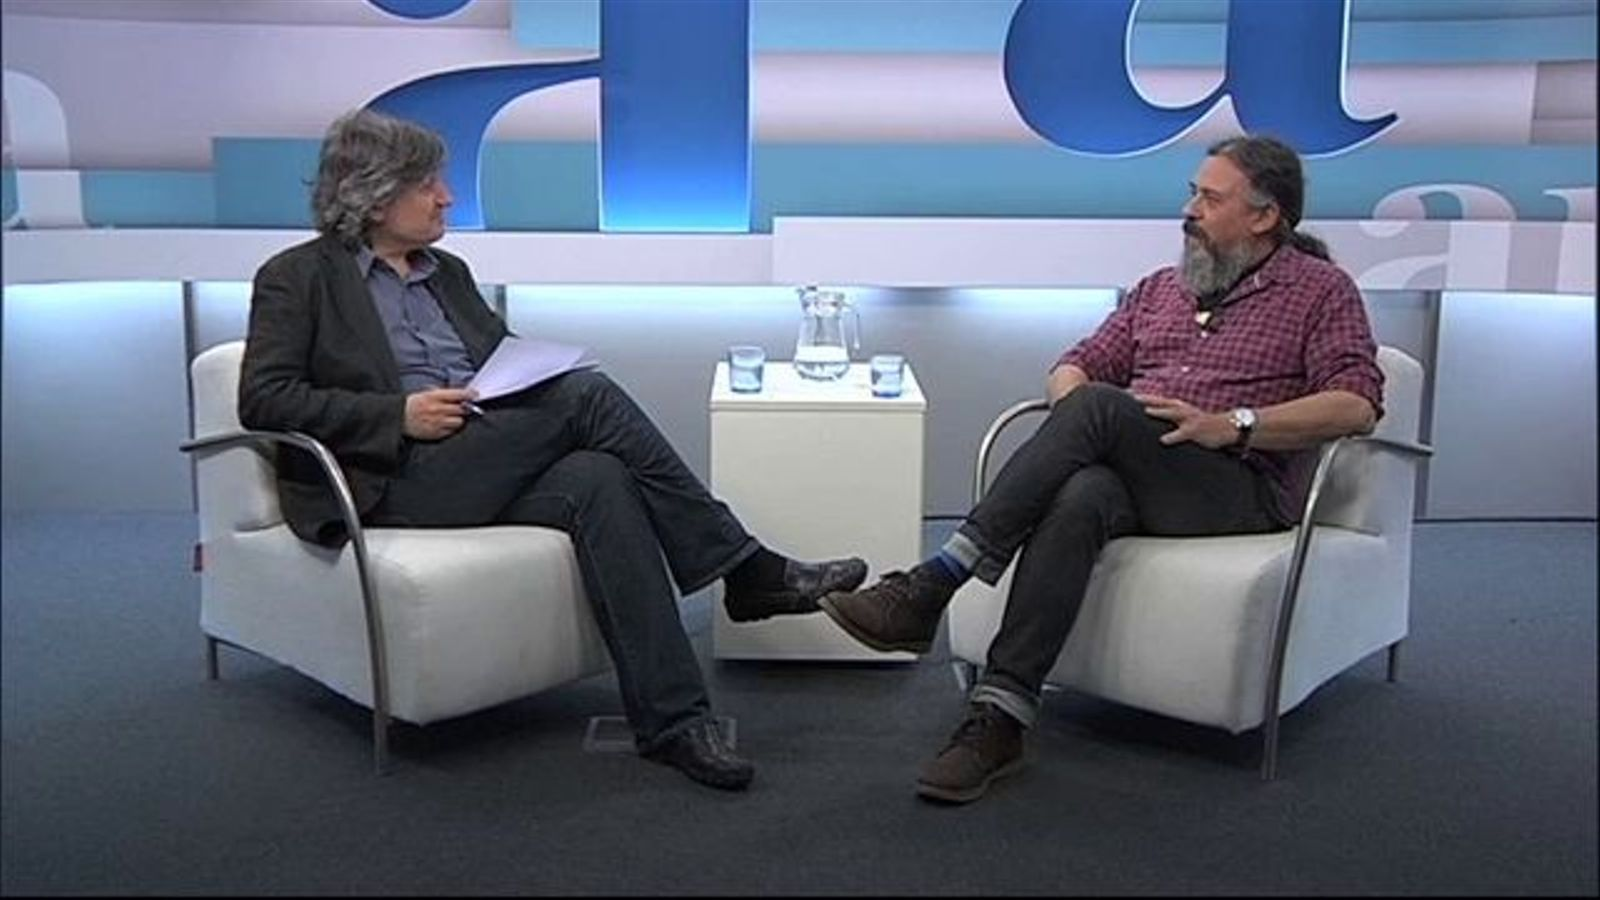 Entrevista completa de Carles Capdevila a Francesc Capdevila, 'Max', per 'Ara TV Premium'